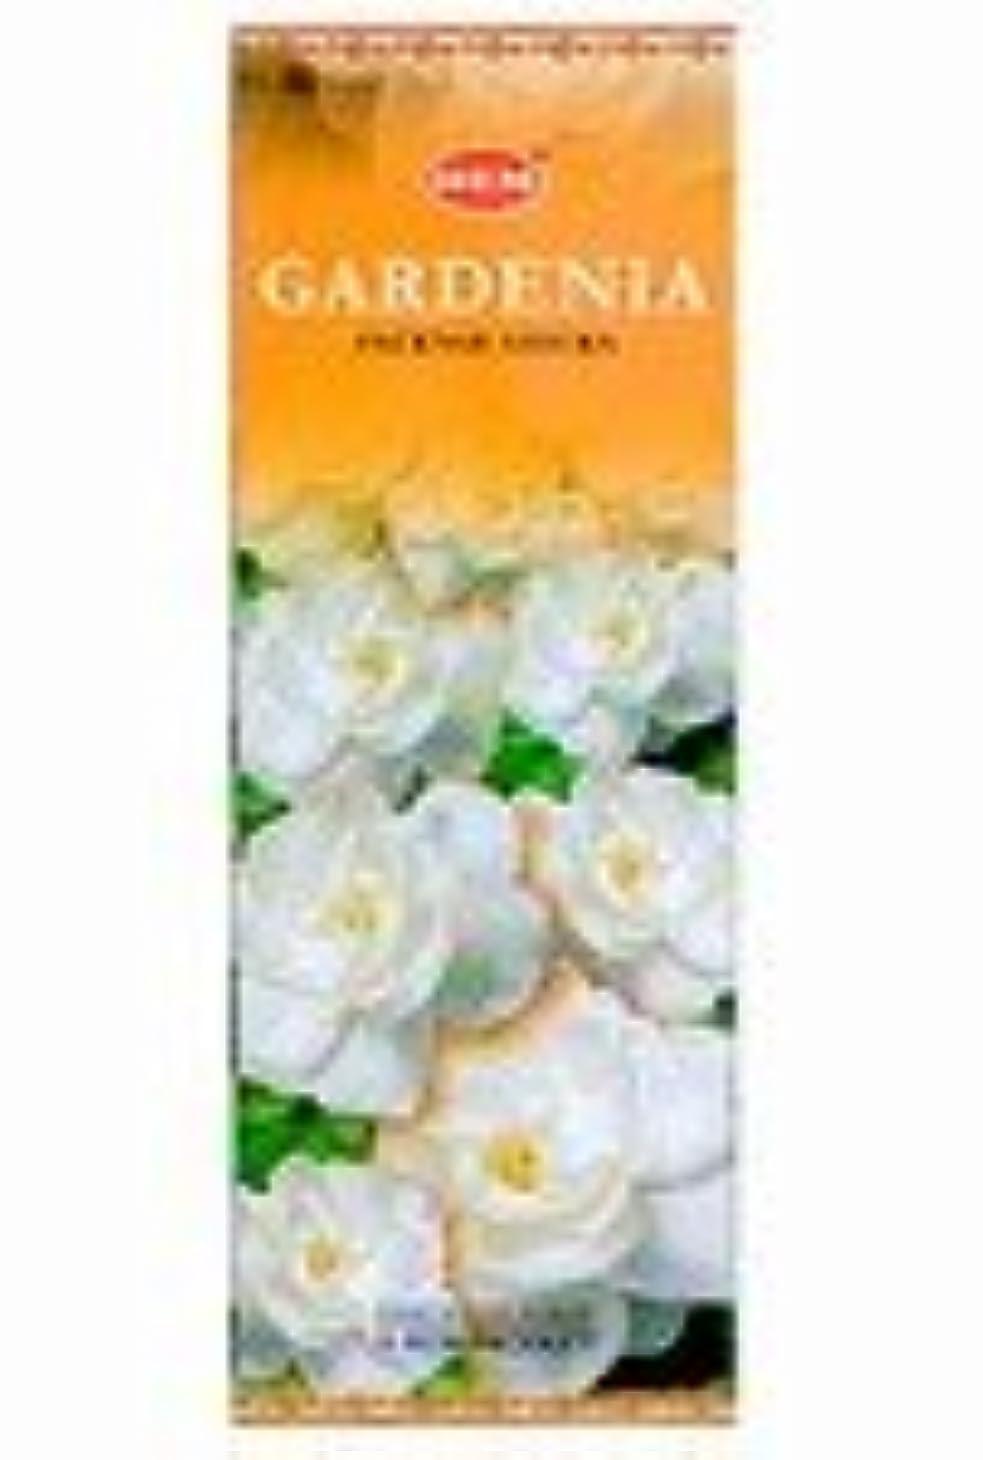 ピルファー年齢水っぽいHEM(ヘム)社 ガーデニア香 スティック GARDENIA 6箱セット